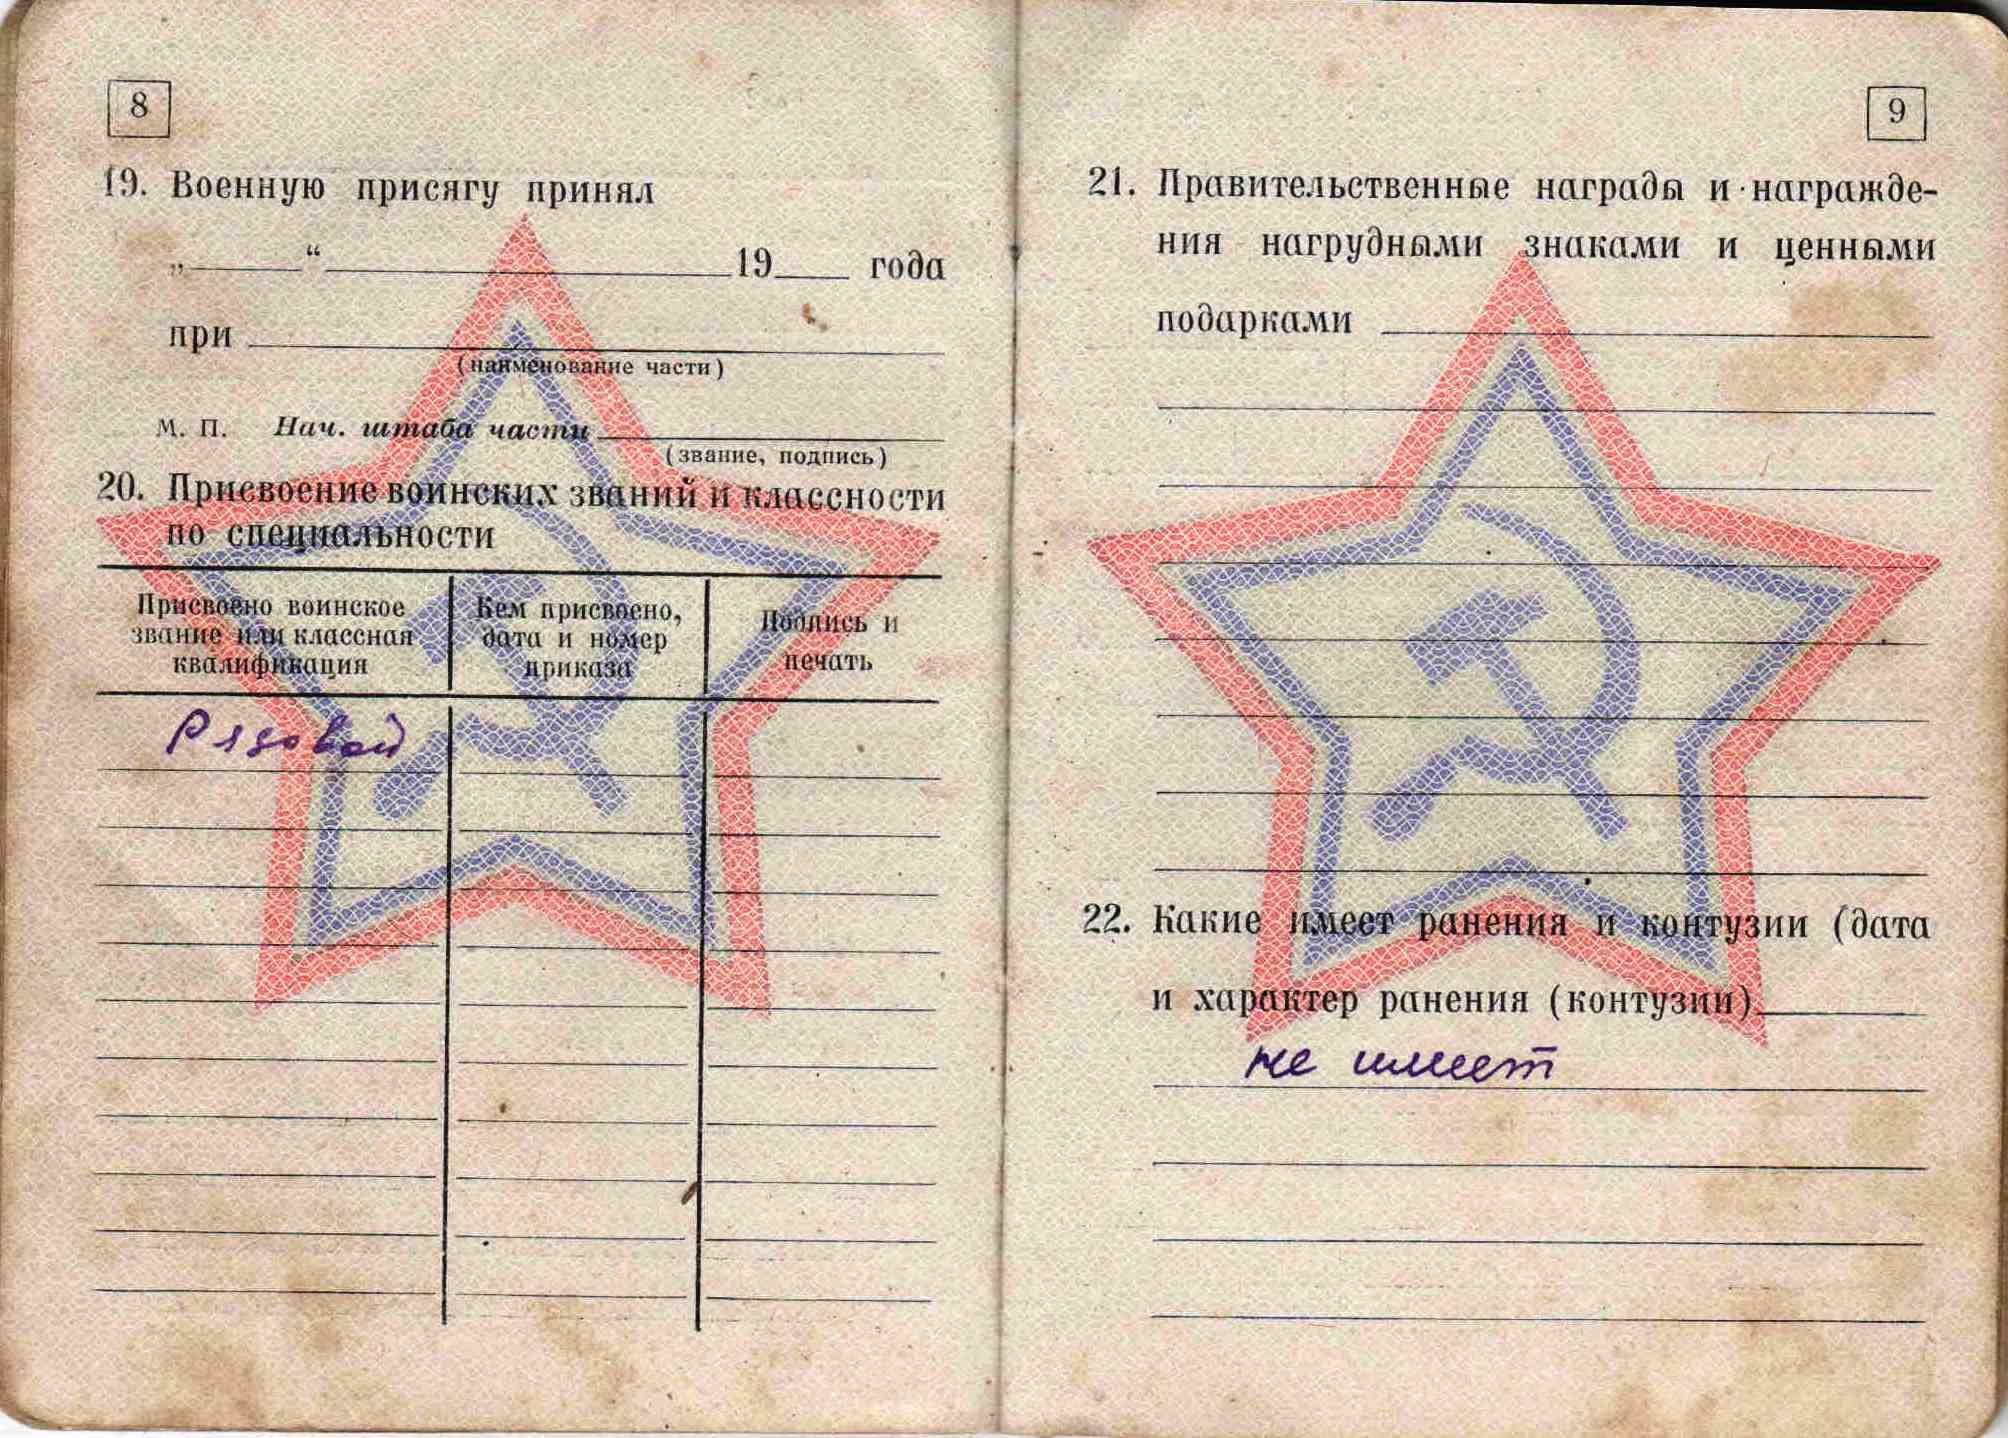 26. Военный билет, 1963 г.